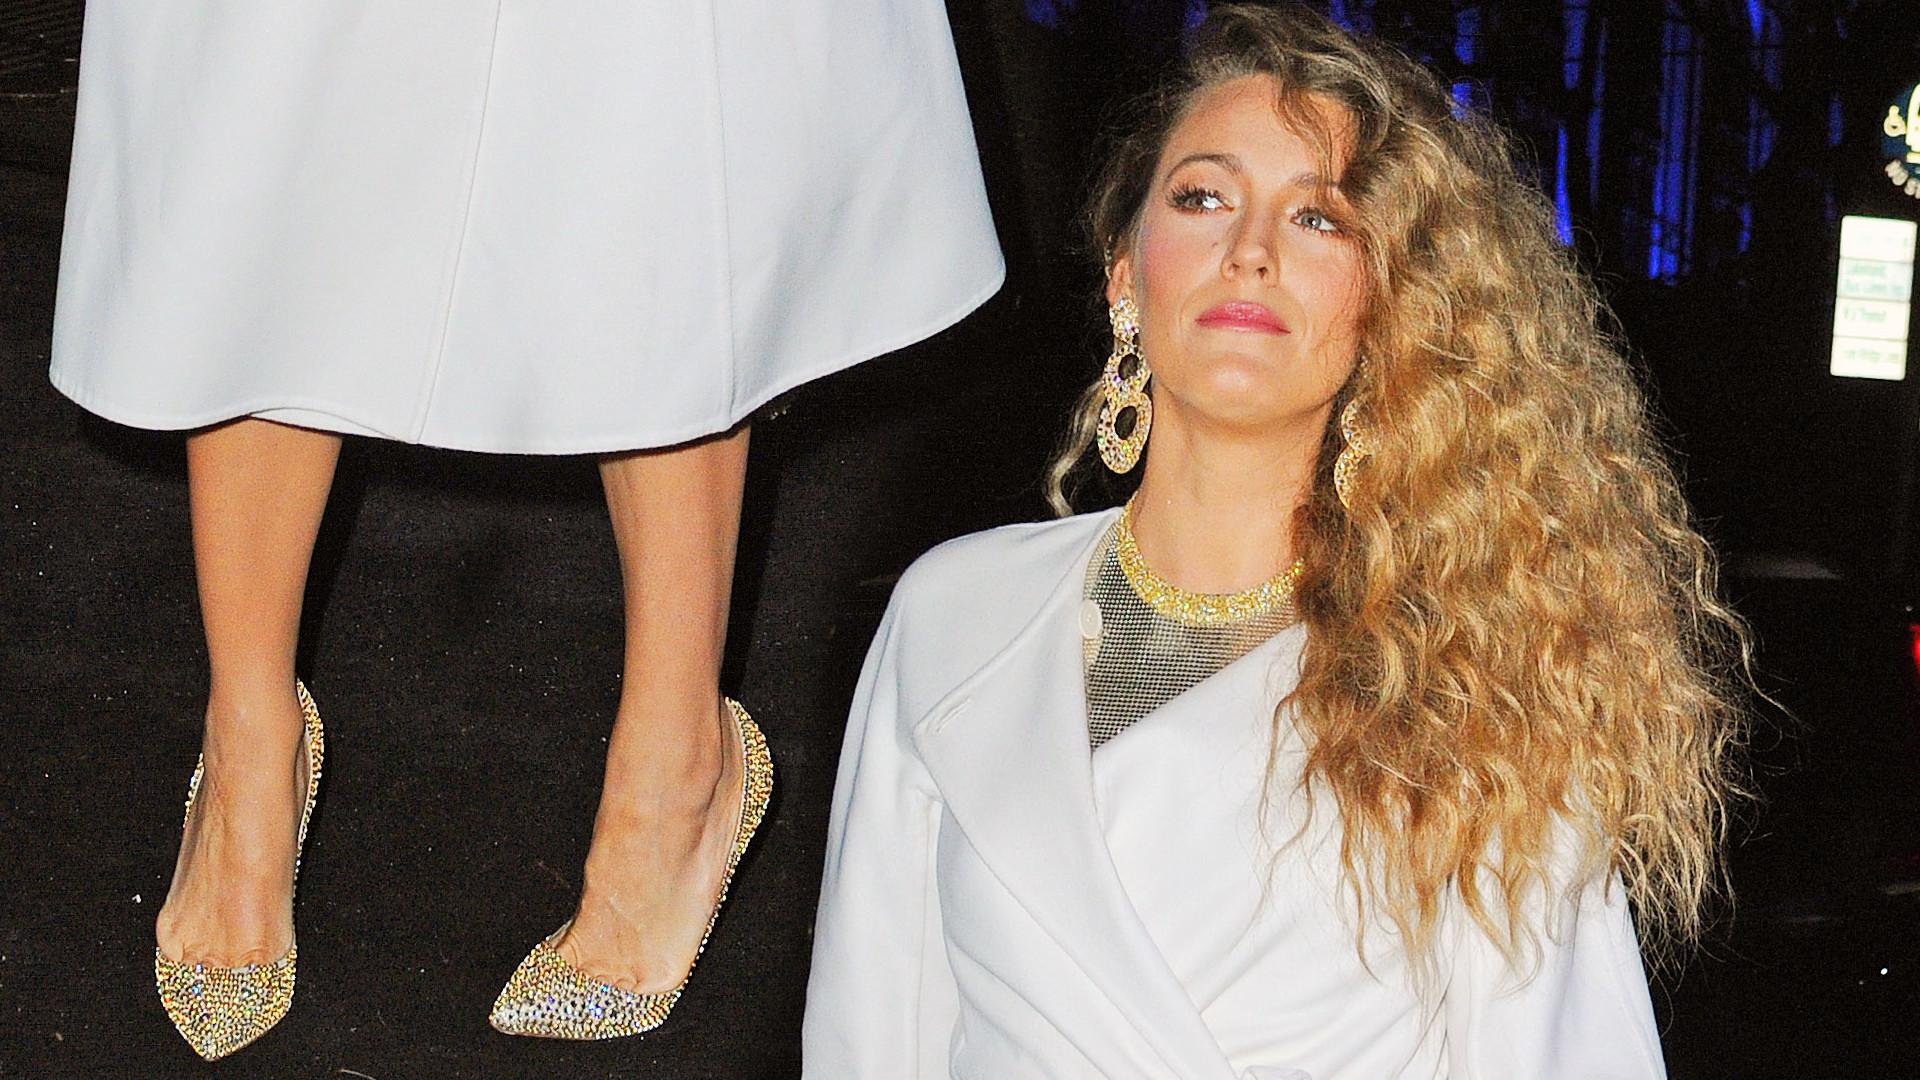 A kiedy Blake Lively zdjęła ten płaszcz, był efekt WOW! (ZDJĘCIA)